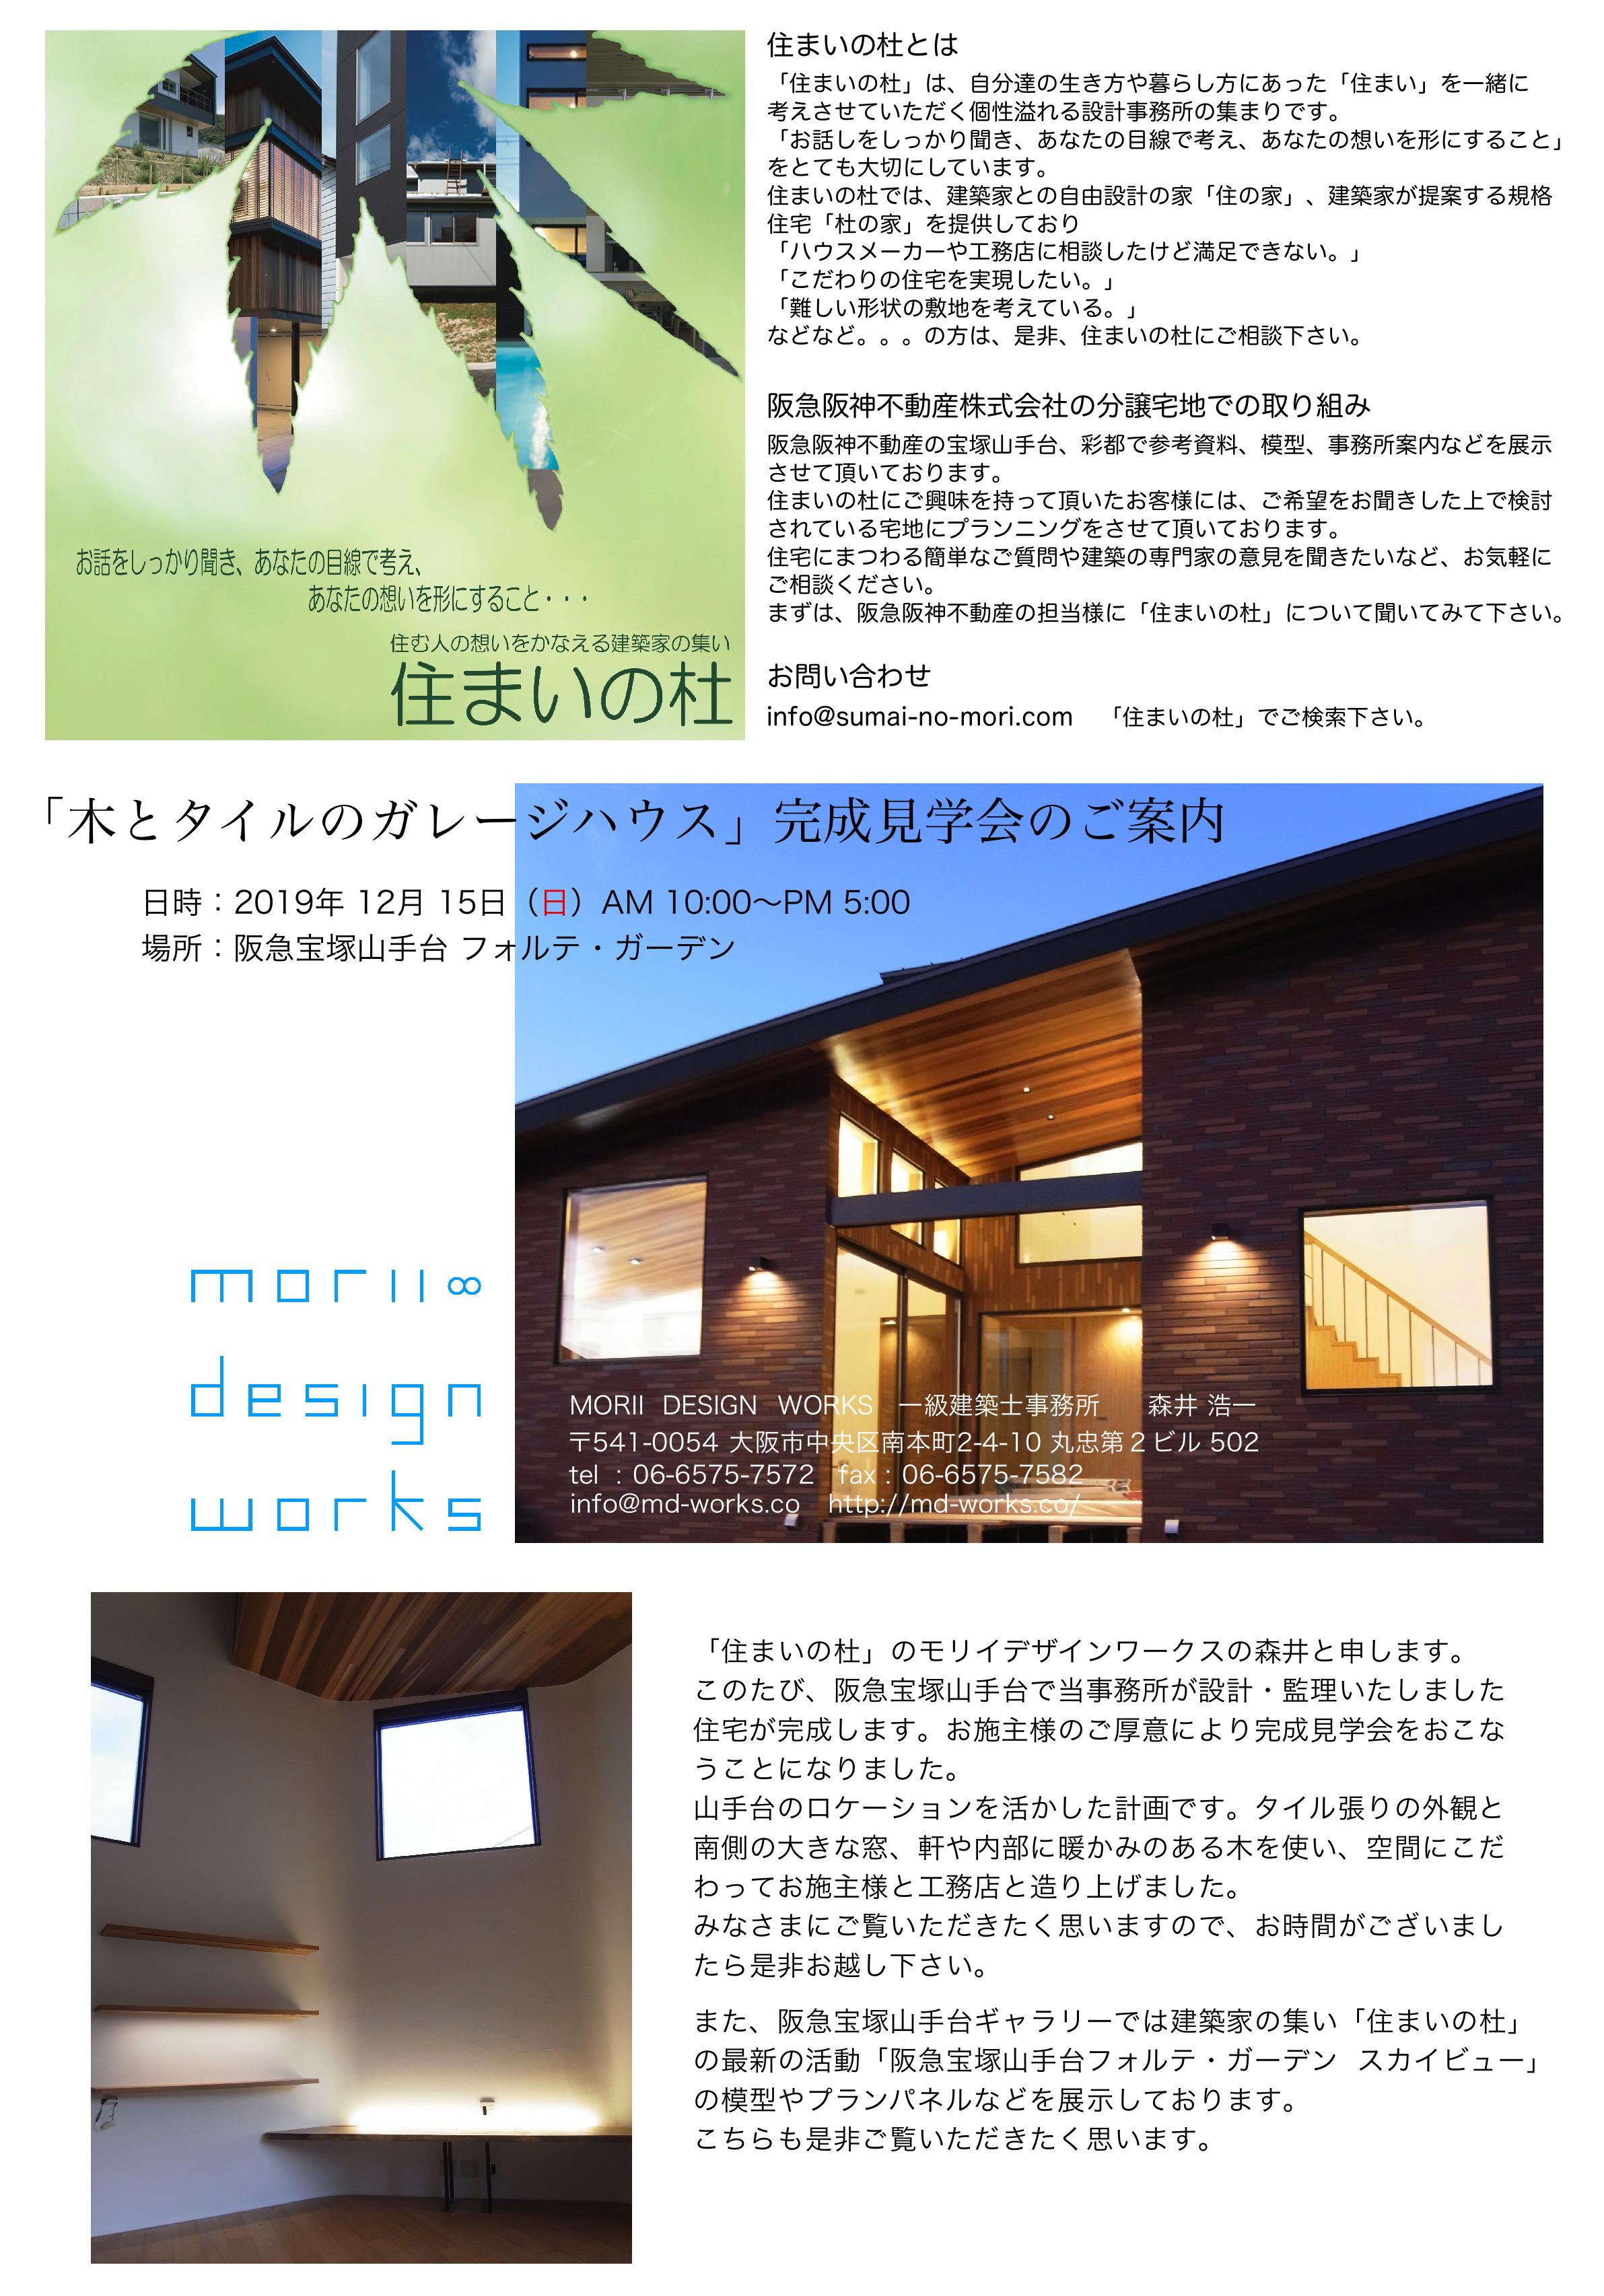 オープンハウス,建築家,阪急宝塚山手台